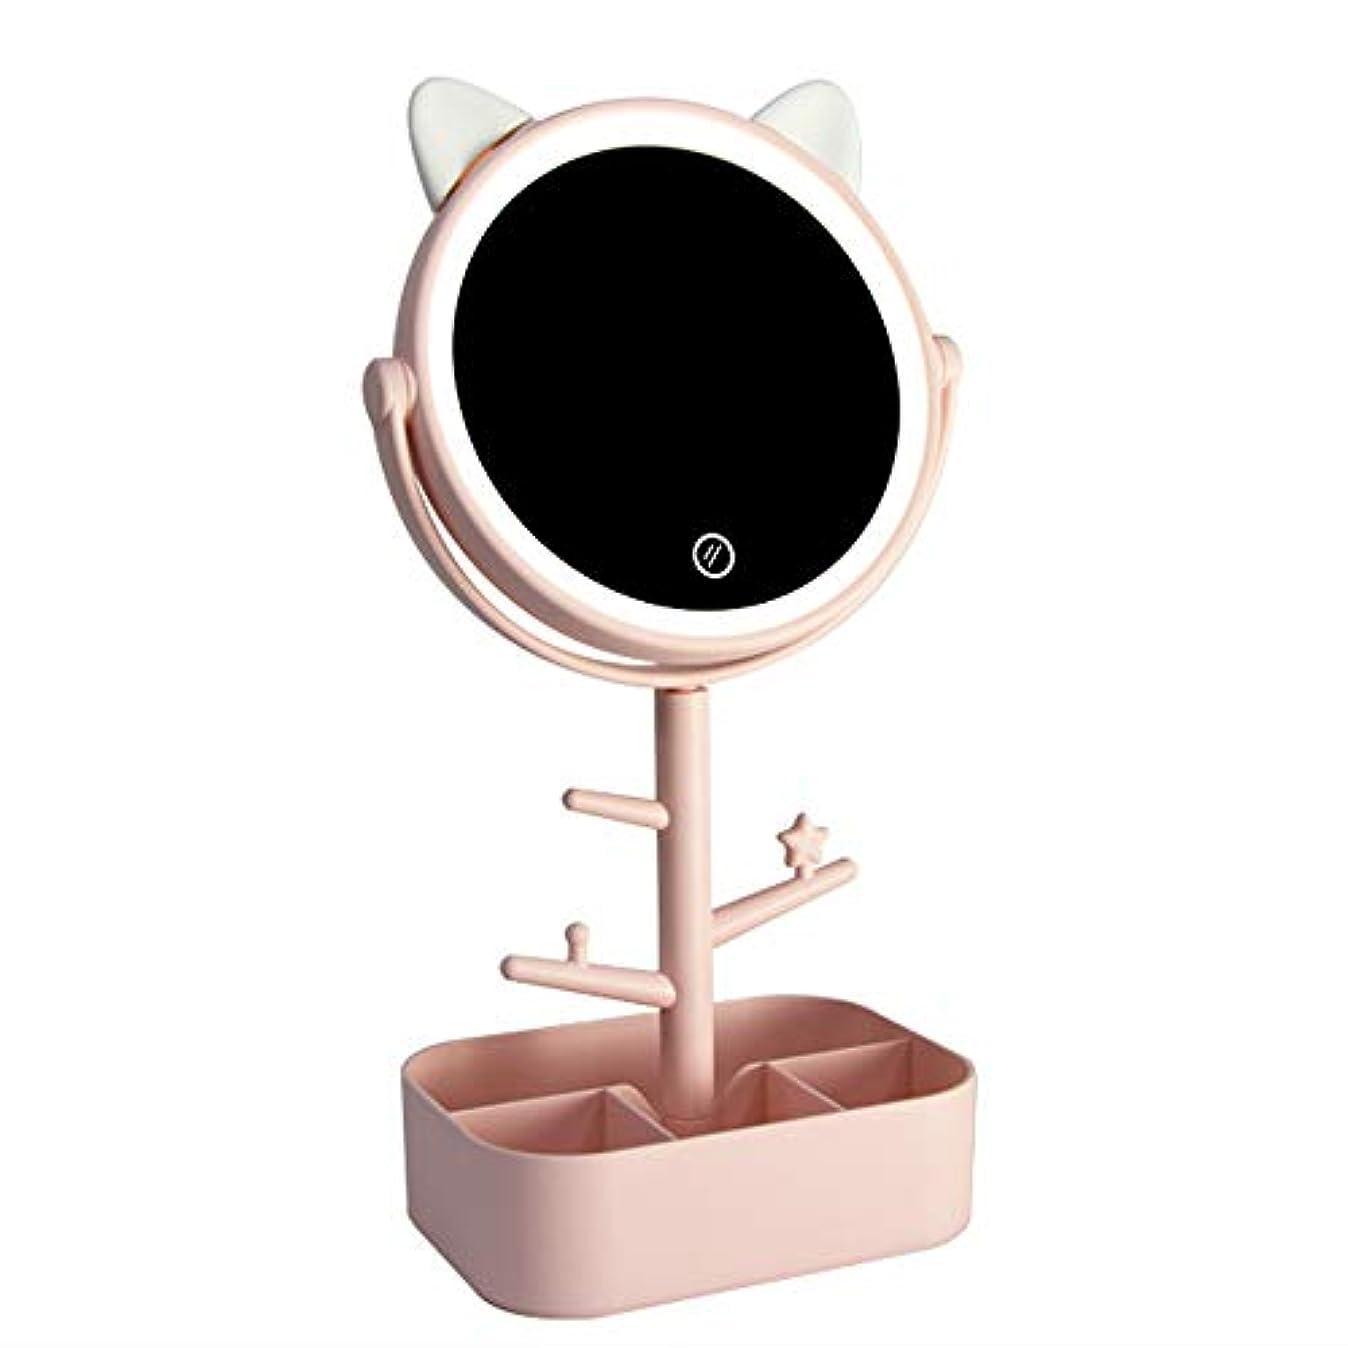 プール窒素迷惑Lecone LED化粧鏡 女優ミラー 卓上ミラー 180度調整可能 スタンドミラー LEDライト メイク 化粧道具 円型 収納ケース 可収納 USB給電 (猫ーピンク)